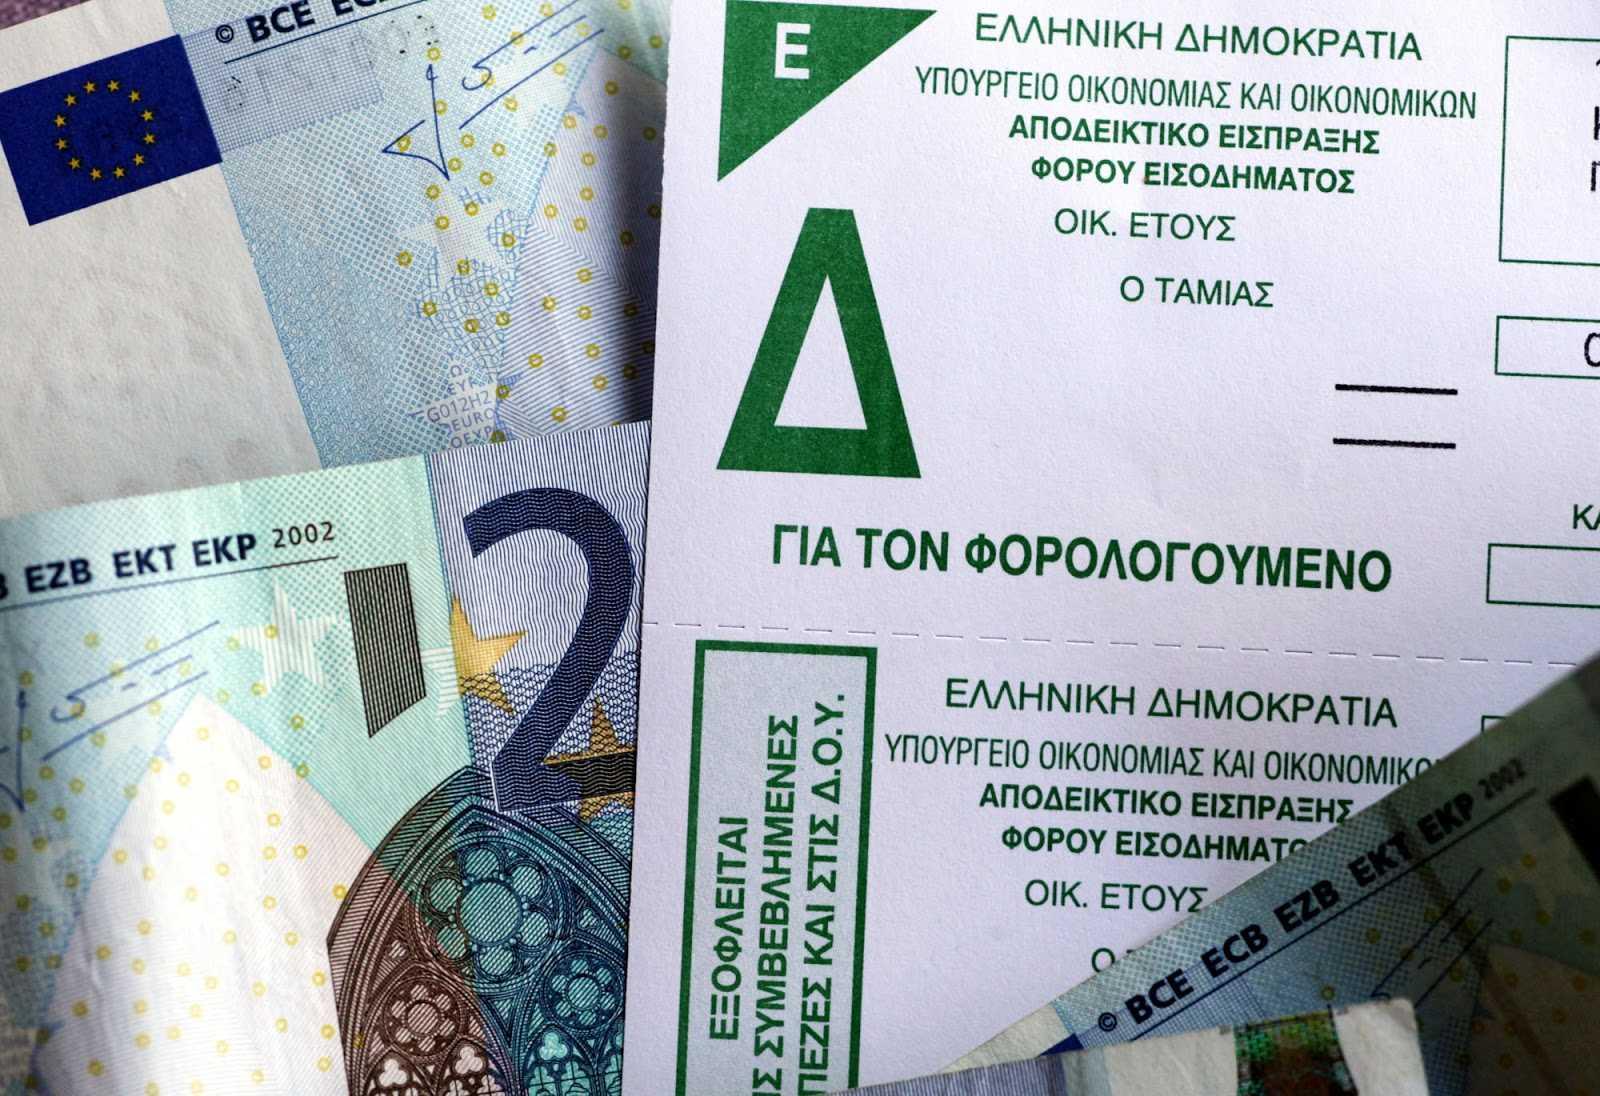 Η μείωση της φορολογίας μονόδρομος για την ανάπτυξη